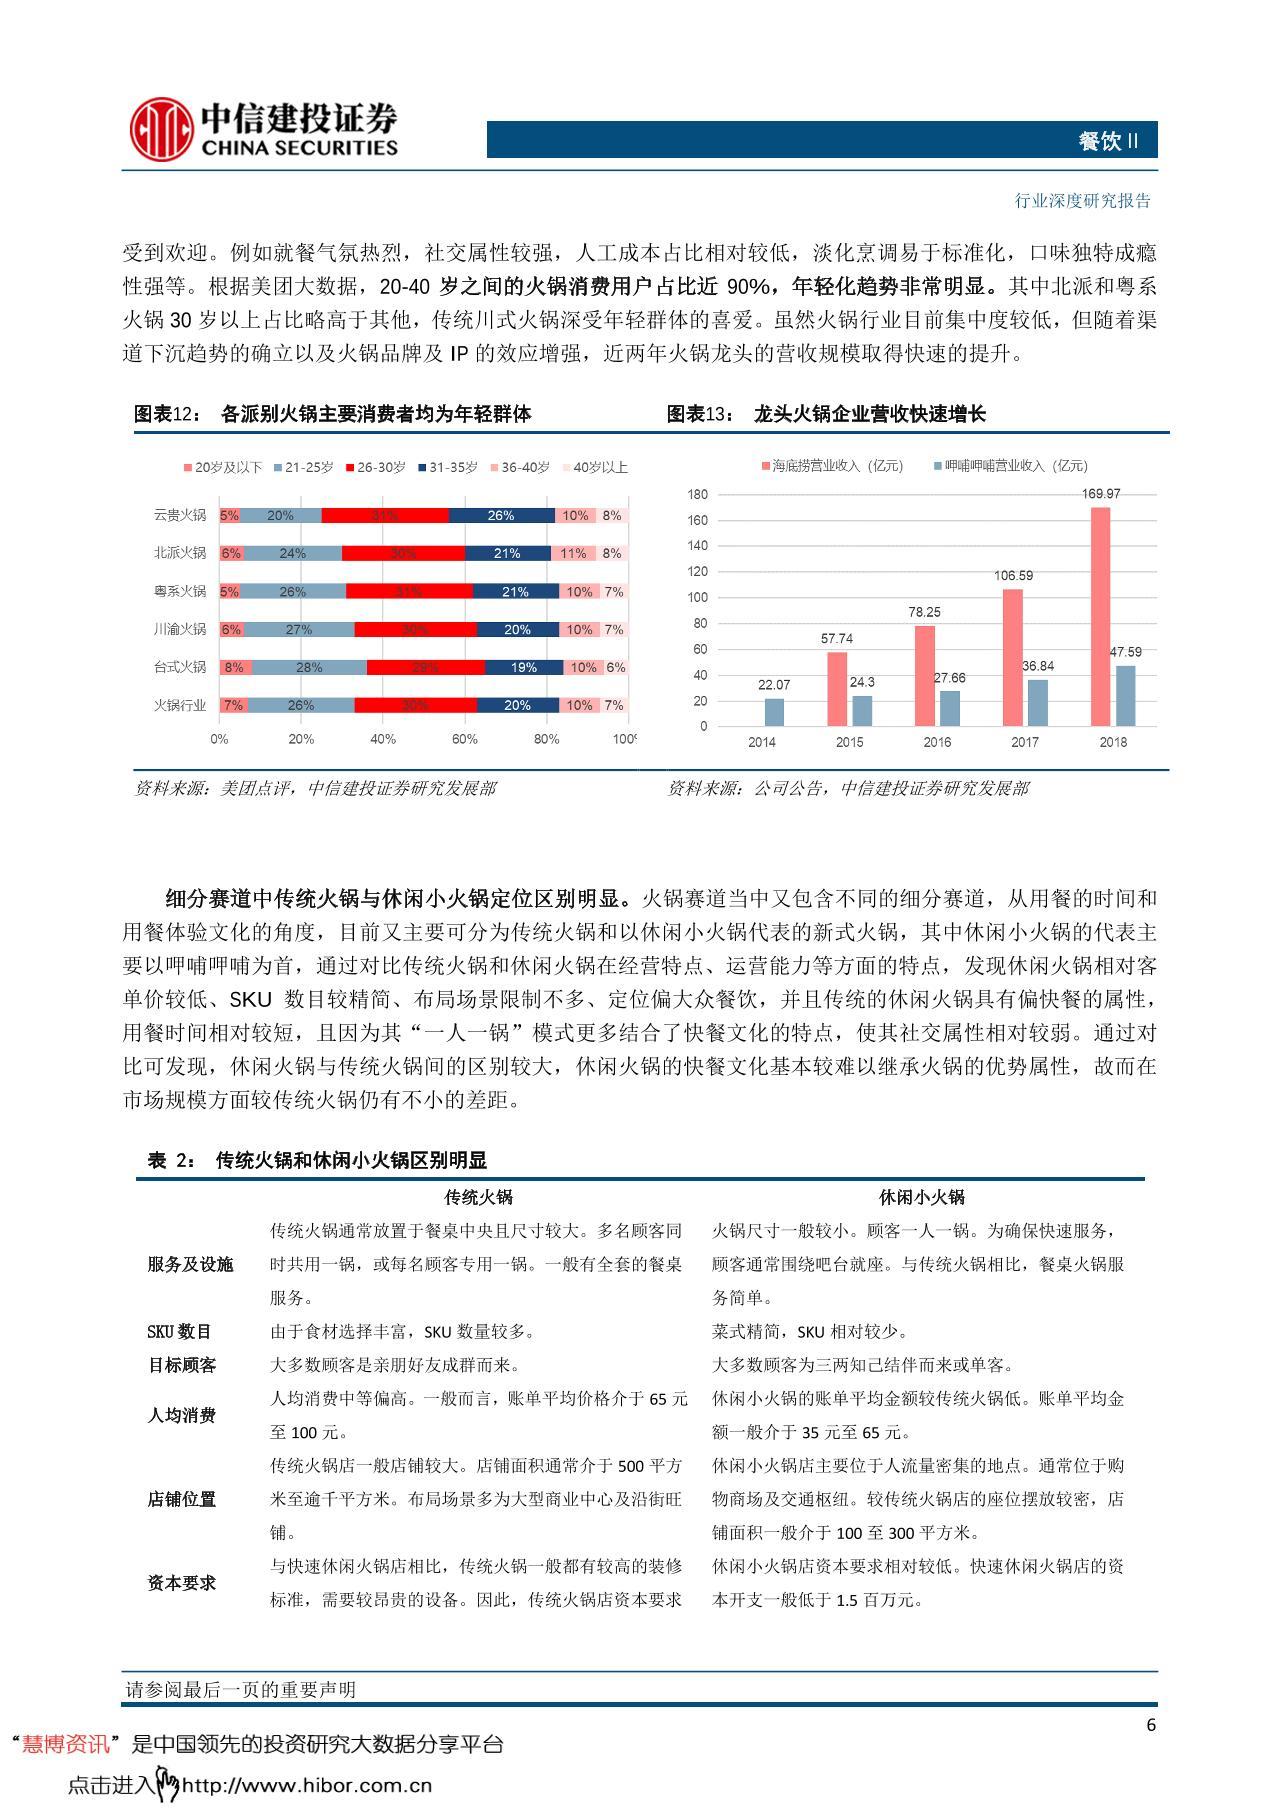 2019餐飲行業火鍋市場研究分析報告-undefined